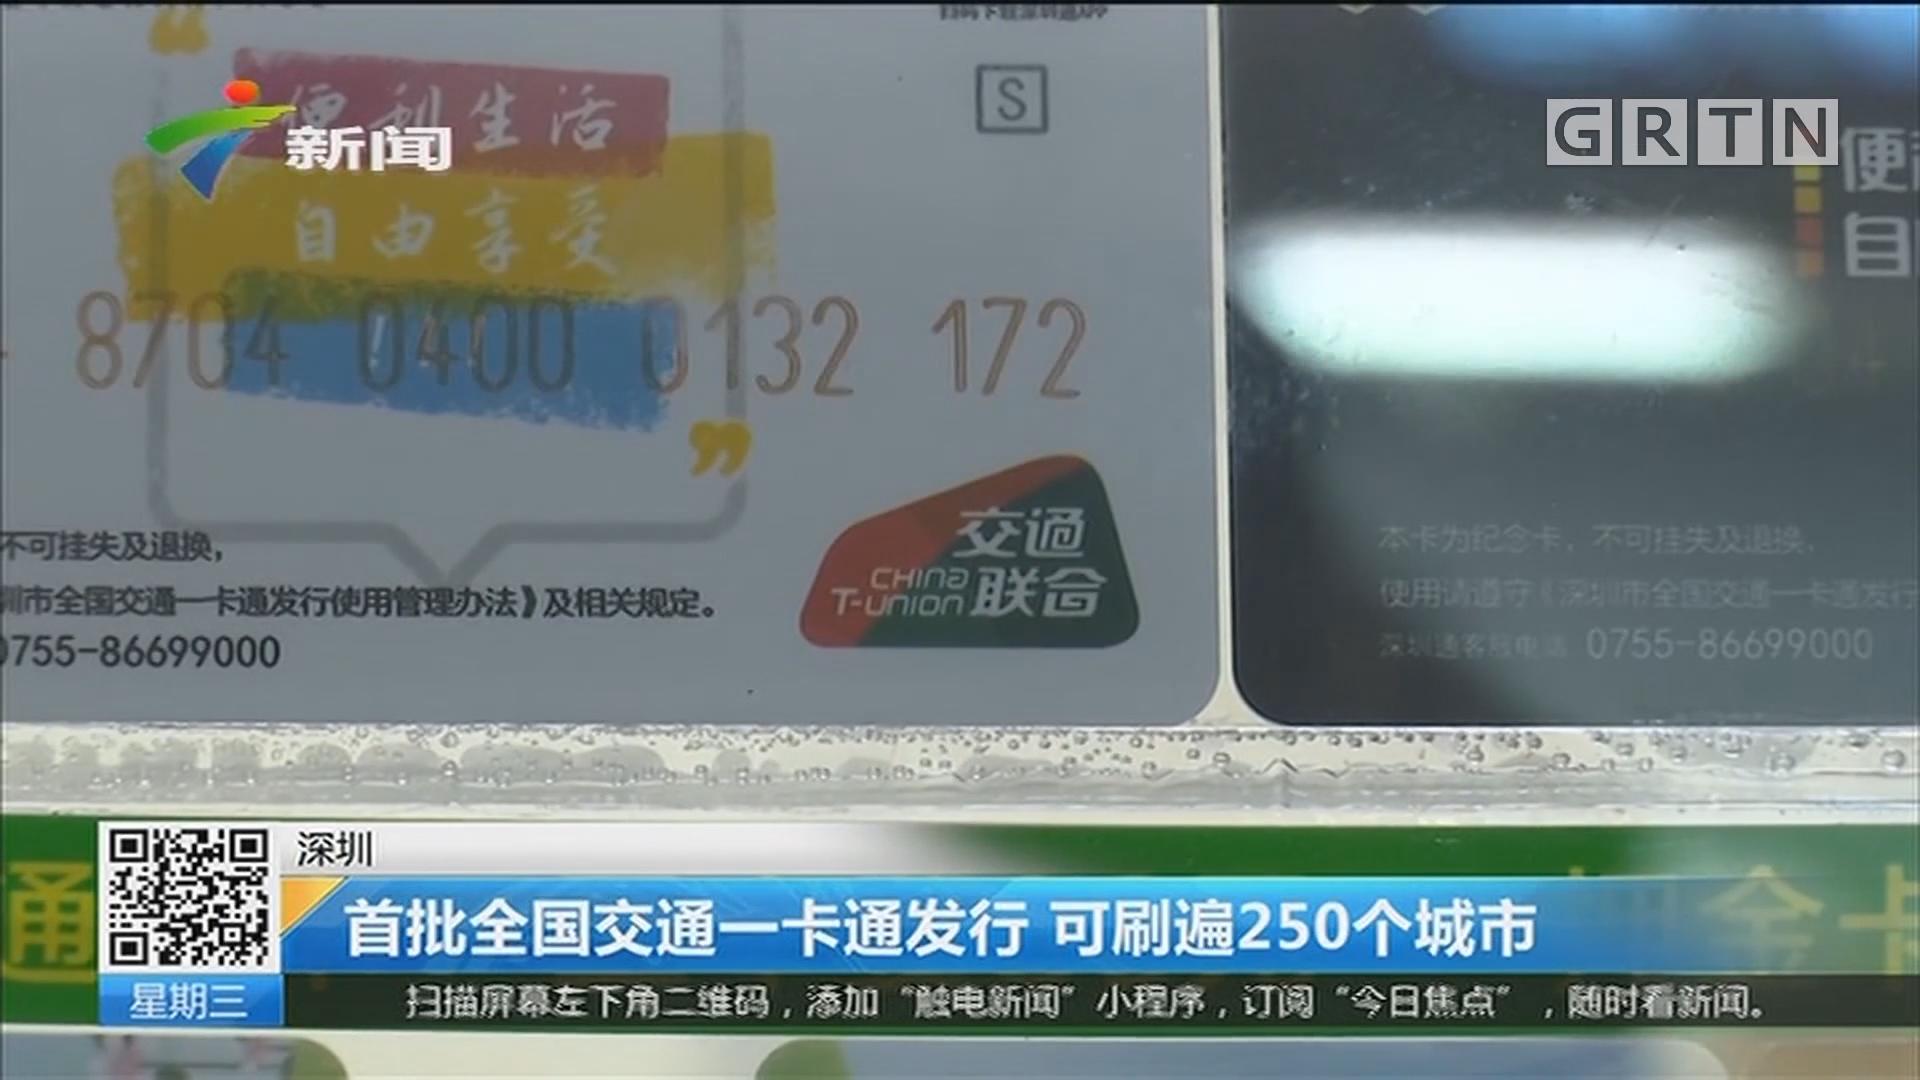 深圳:首批全国交通一卡通发行 可刷遍250个城市